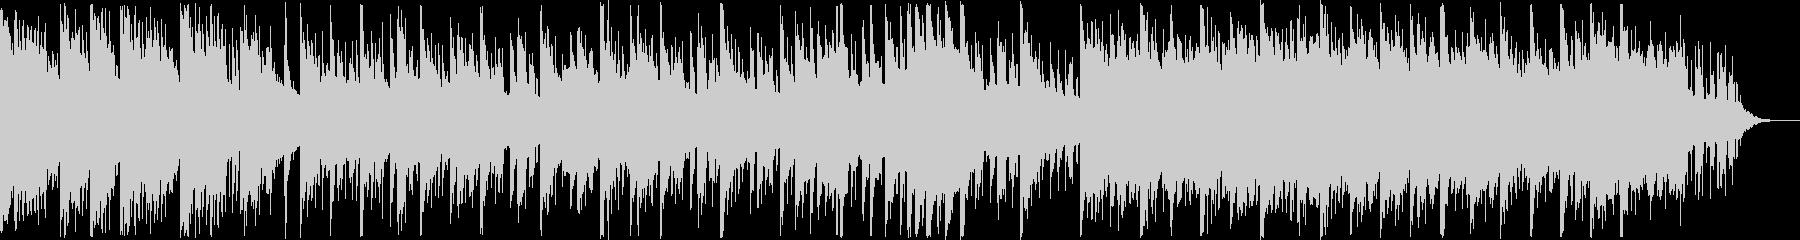 透明感あふれるエレクトロニカポップの未再生の波形